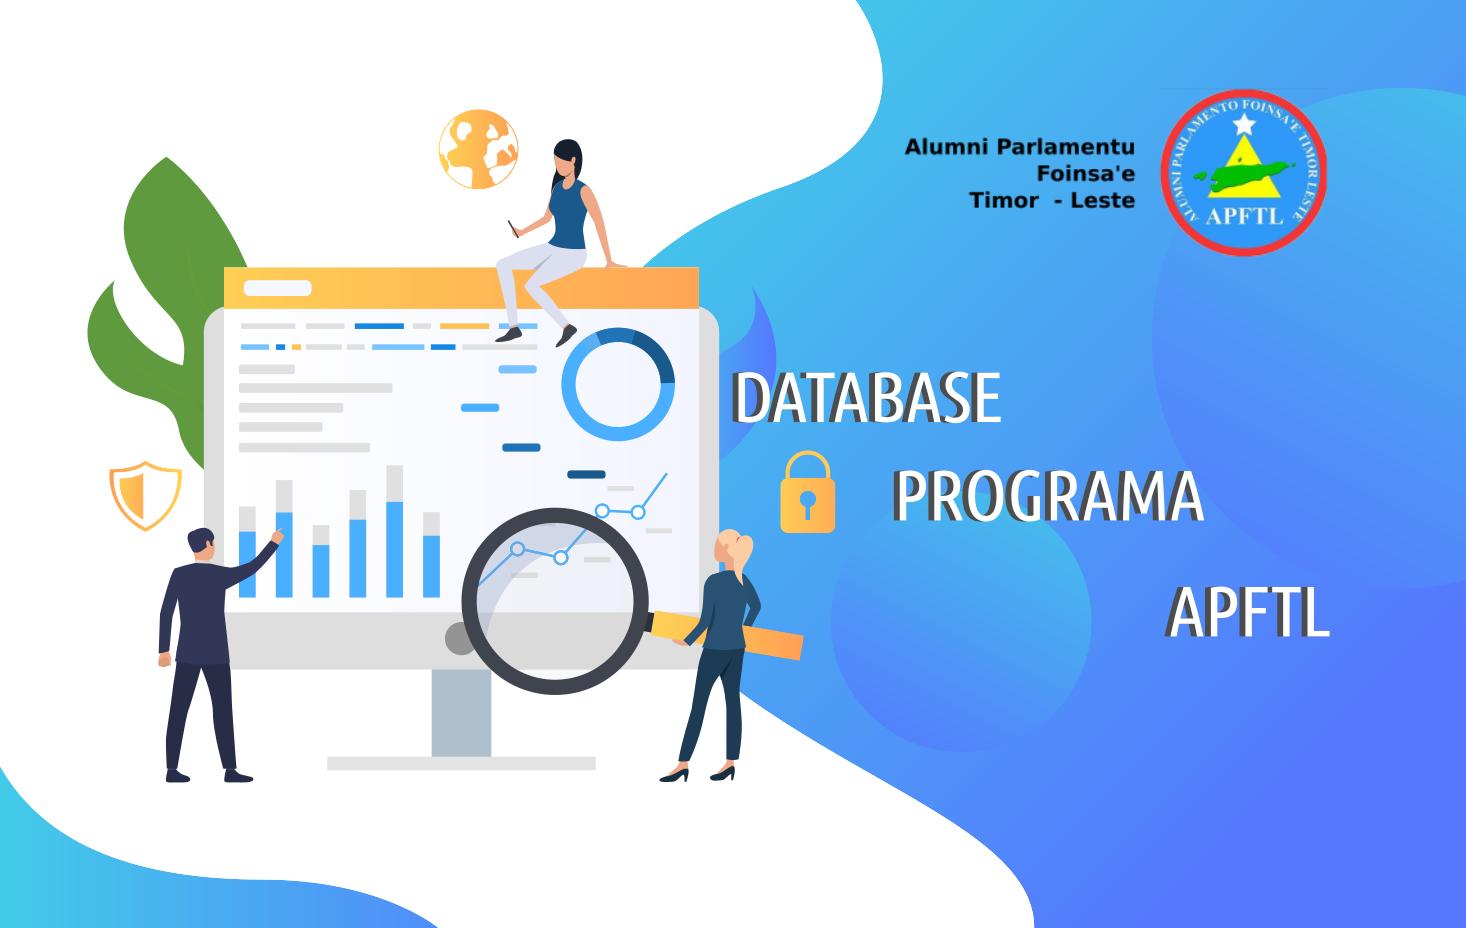 Database Programa